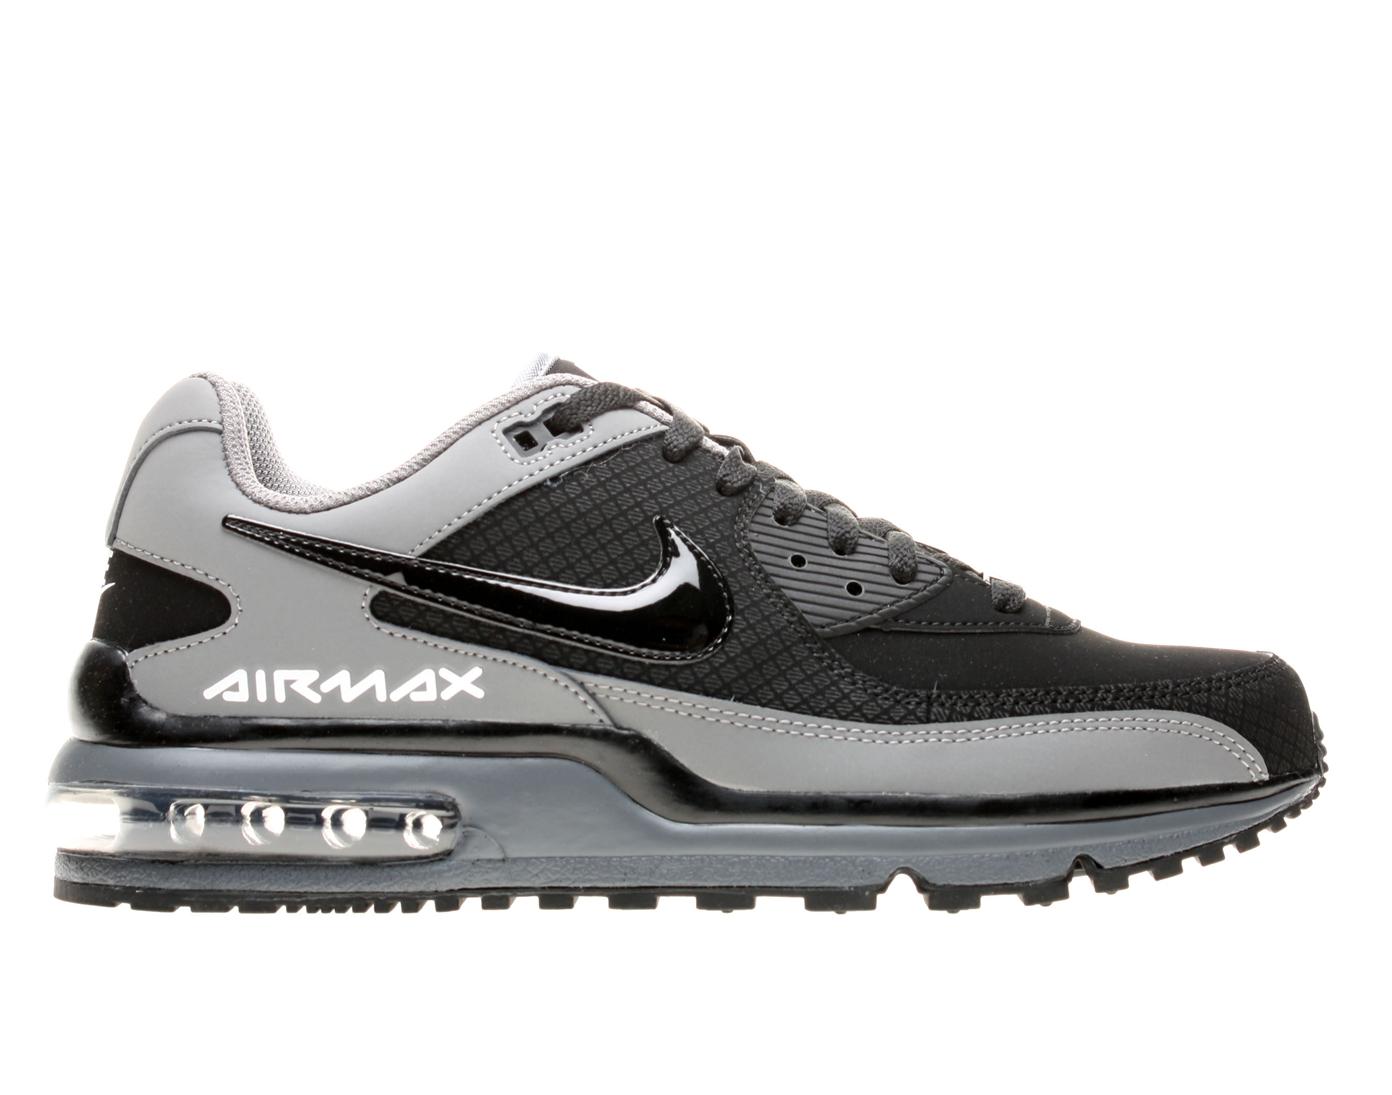 Nike AirMaxx